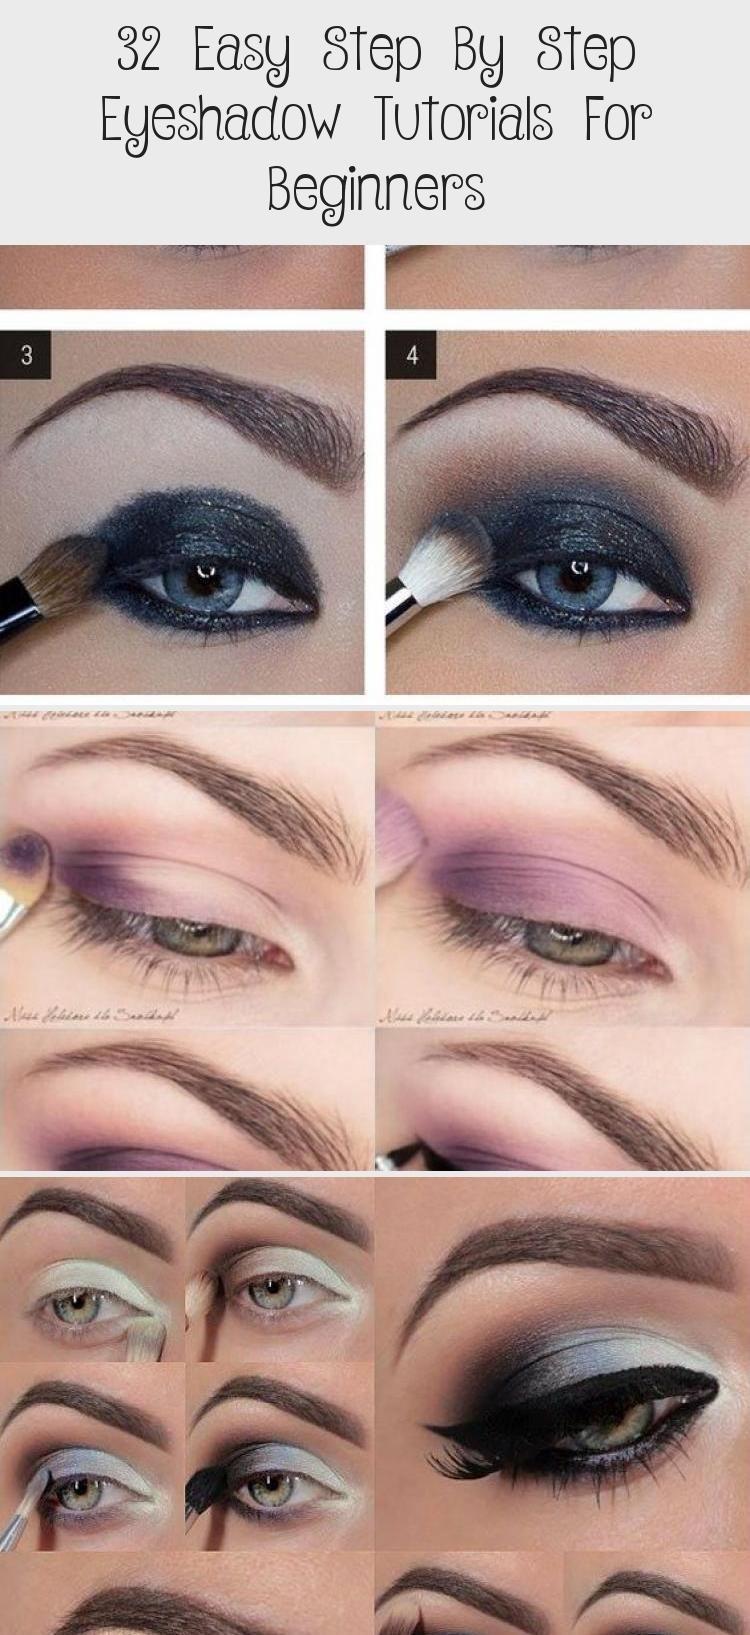 32 Easy Step By Step Lidschatten-Tutorials für Anfänger - Make-up - Easy + Step + by ...#anfänger #easy #für #lidschattentutorials #makeup #step